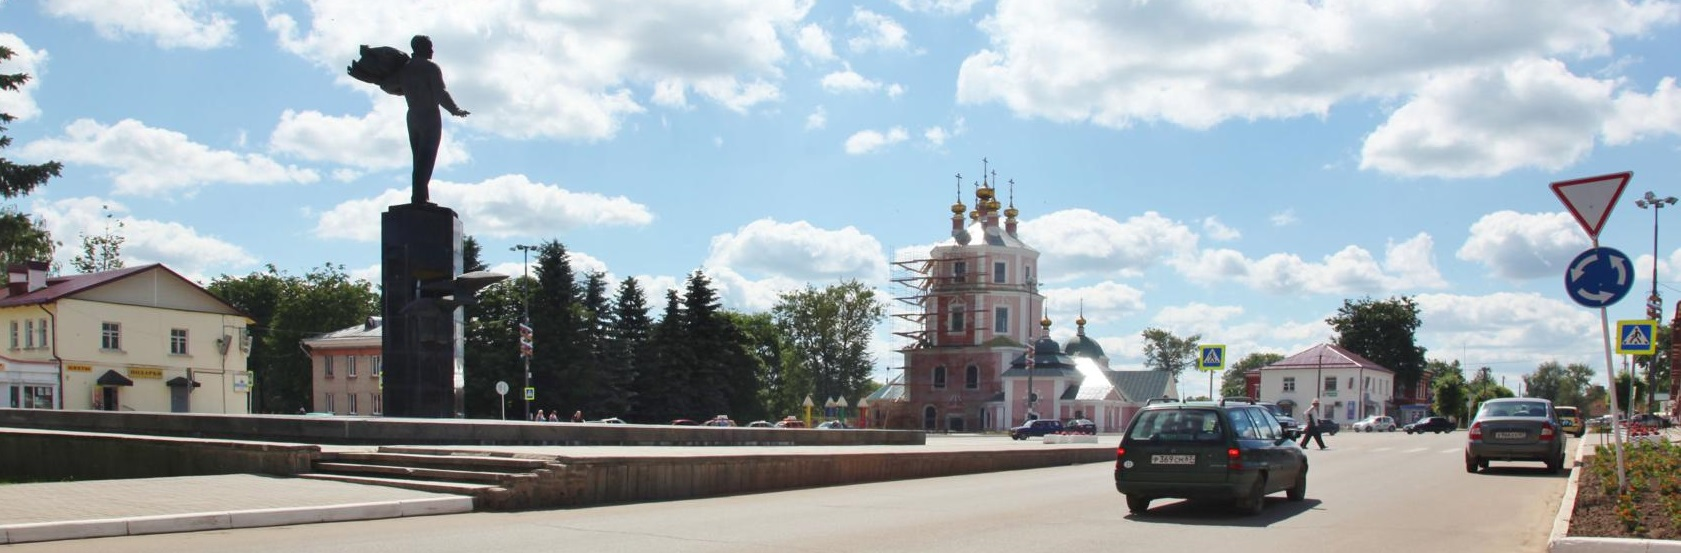 Грузоперевозки из Москвы в Гагарин